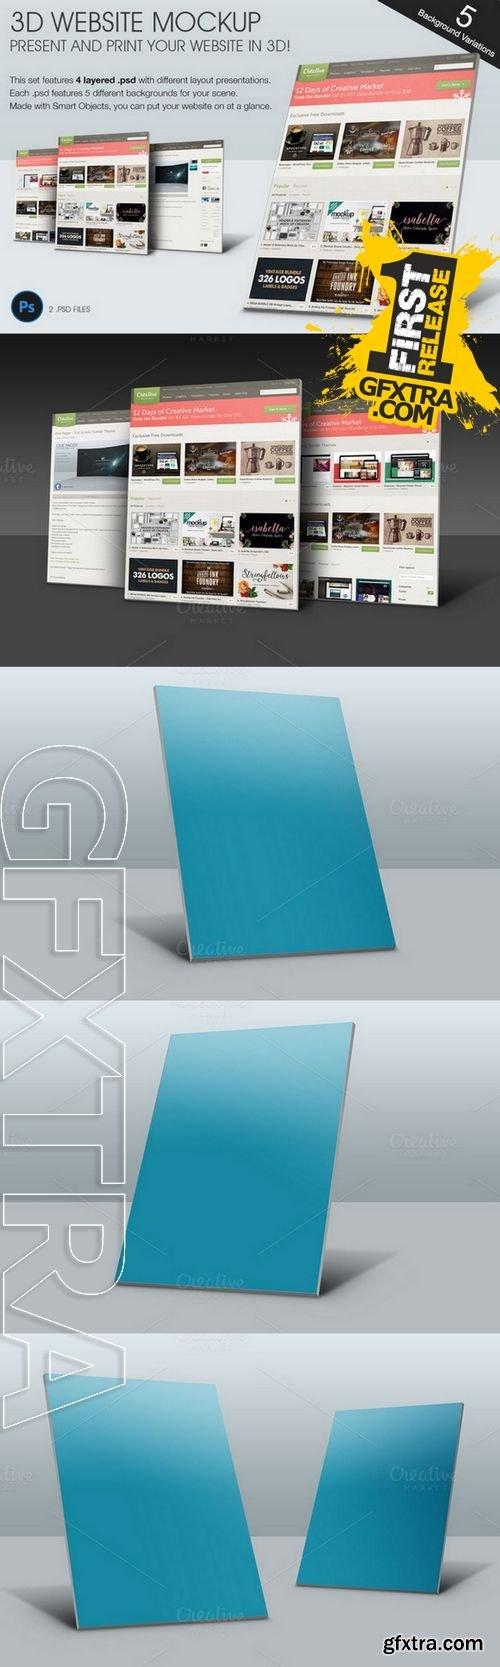 3D Website MockUp - CM 133118